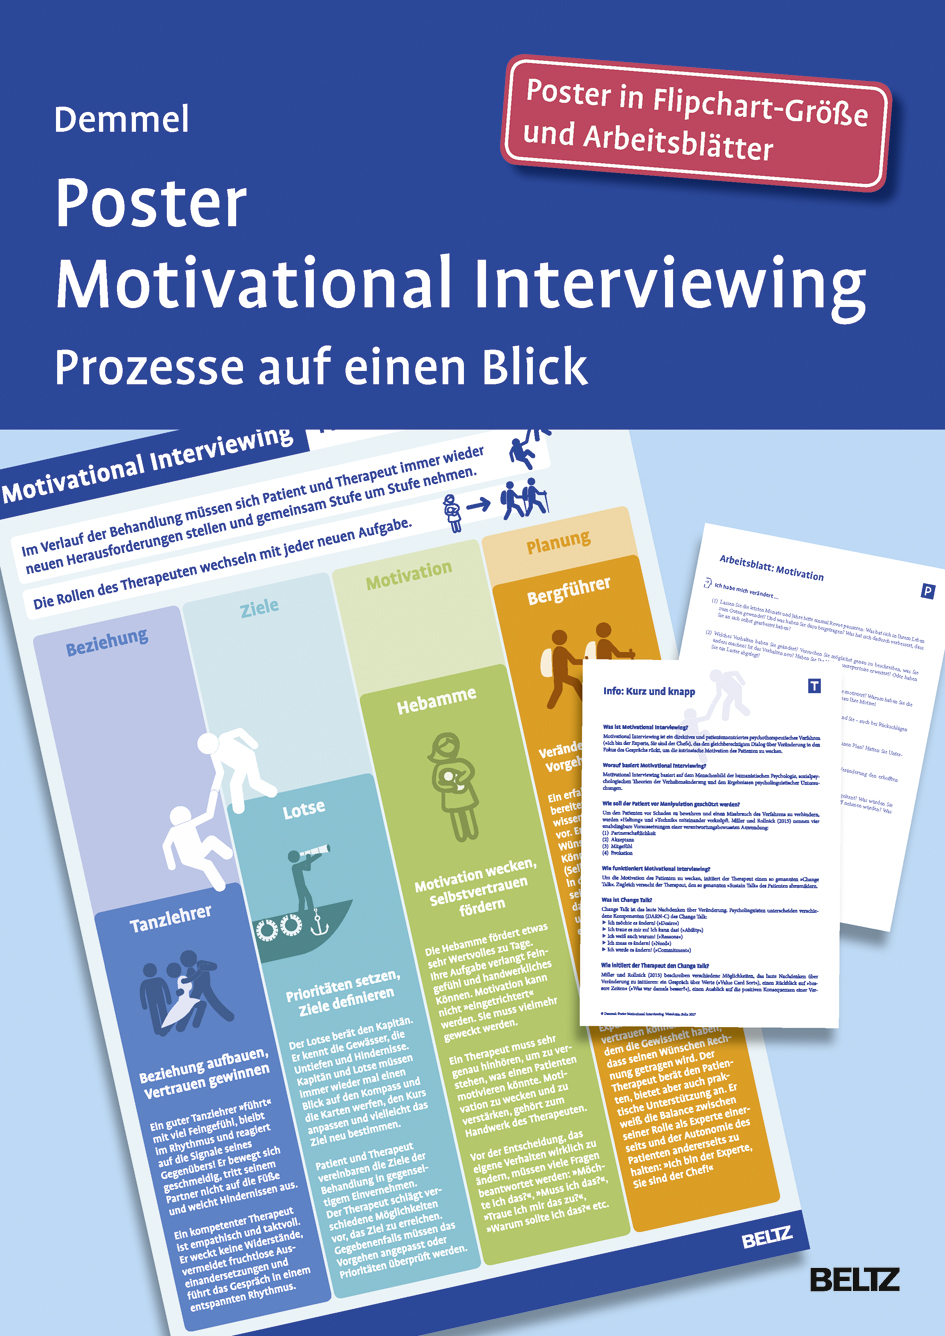 Poster Motivational Interviewing - Prozesse auf einen Blick. Poster ...